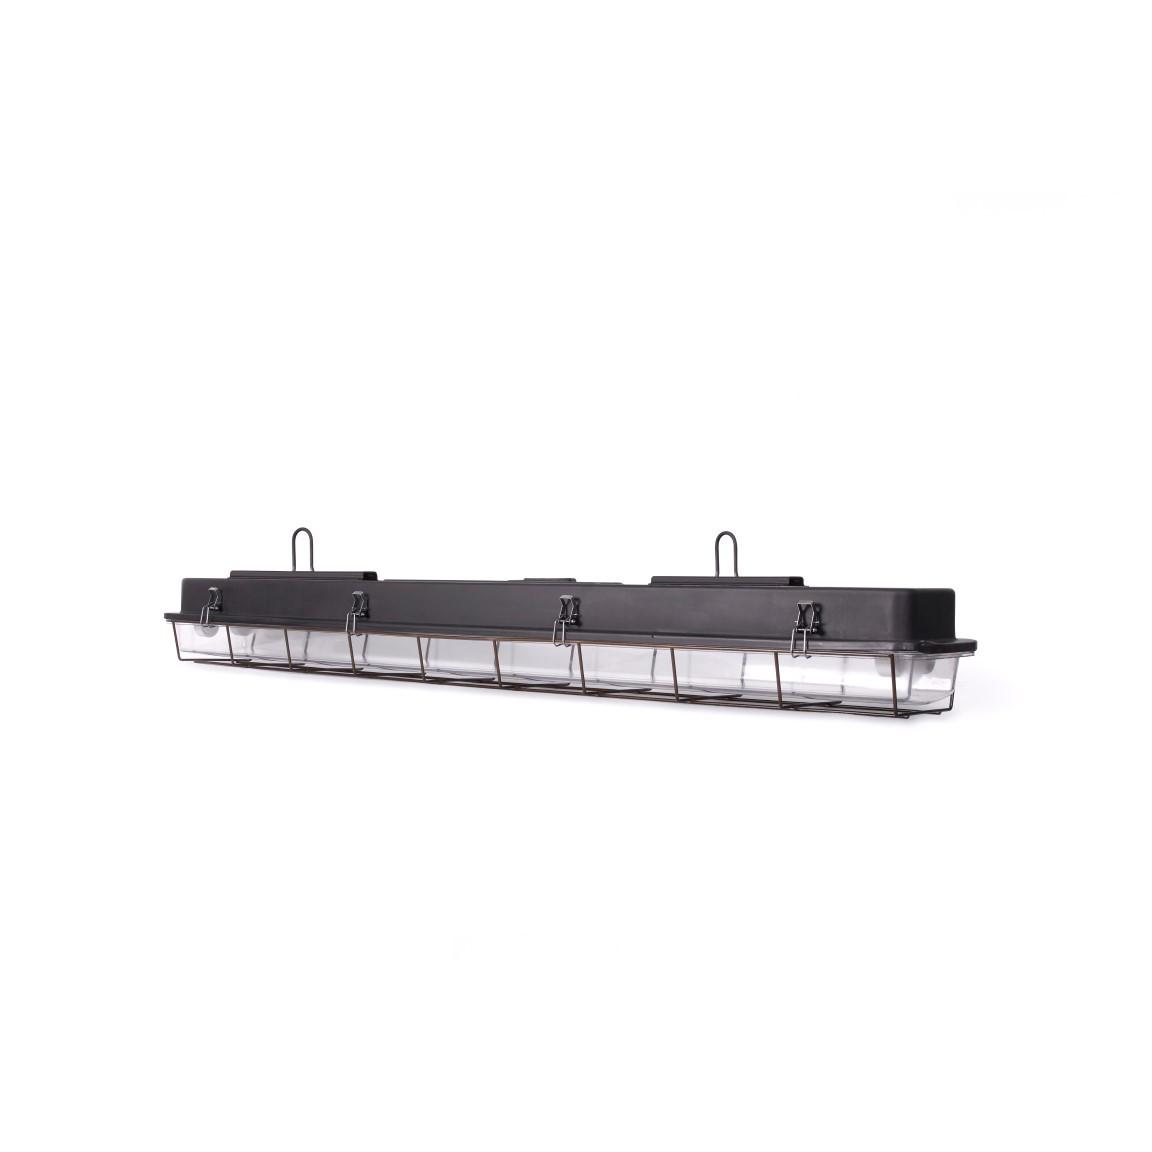 4 FT-Käfiglampe Industrielles Streifenlicht | Schwarz